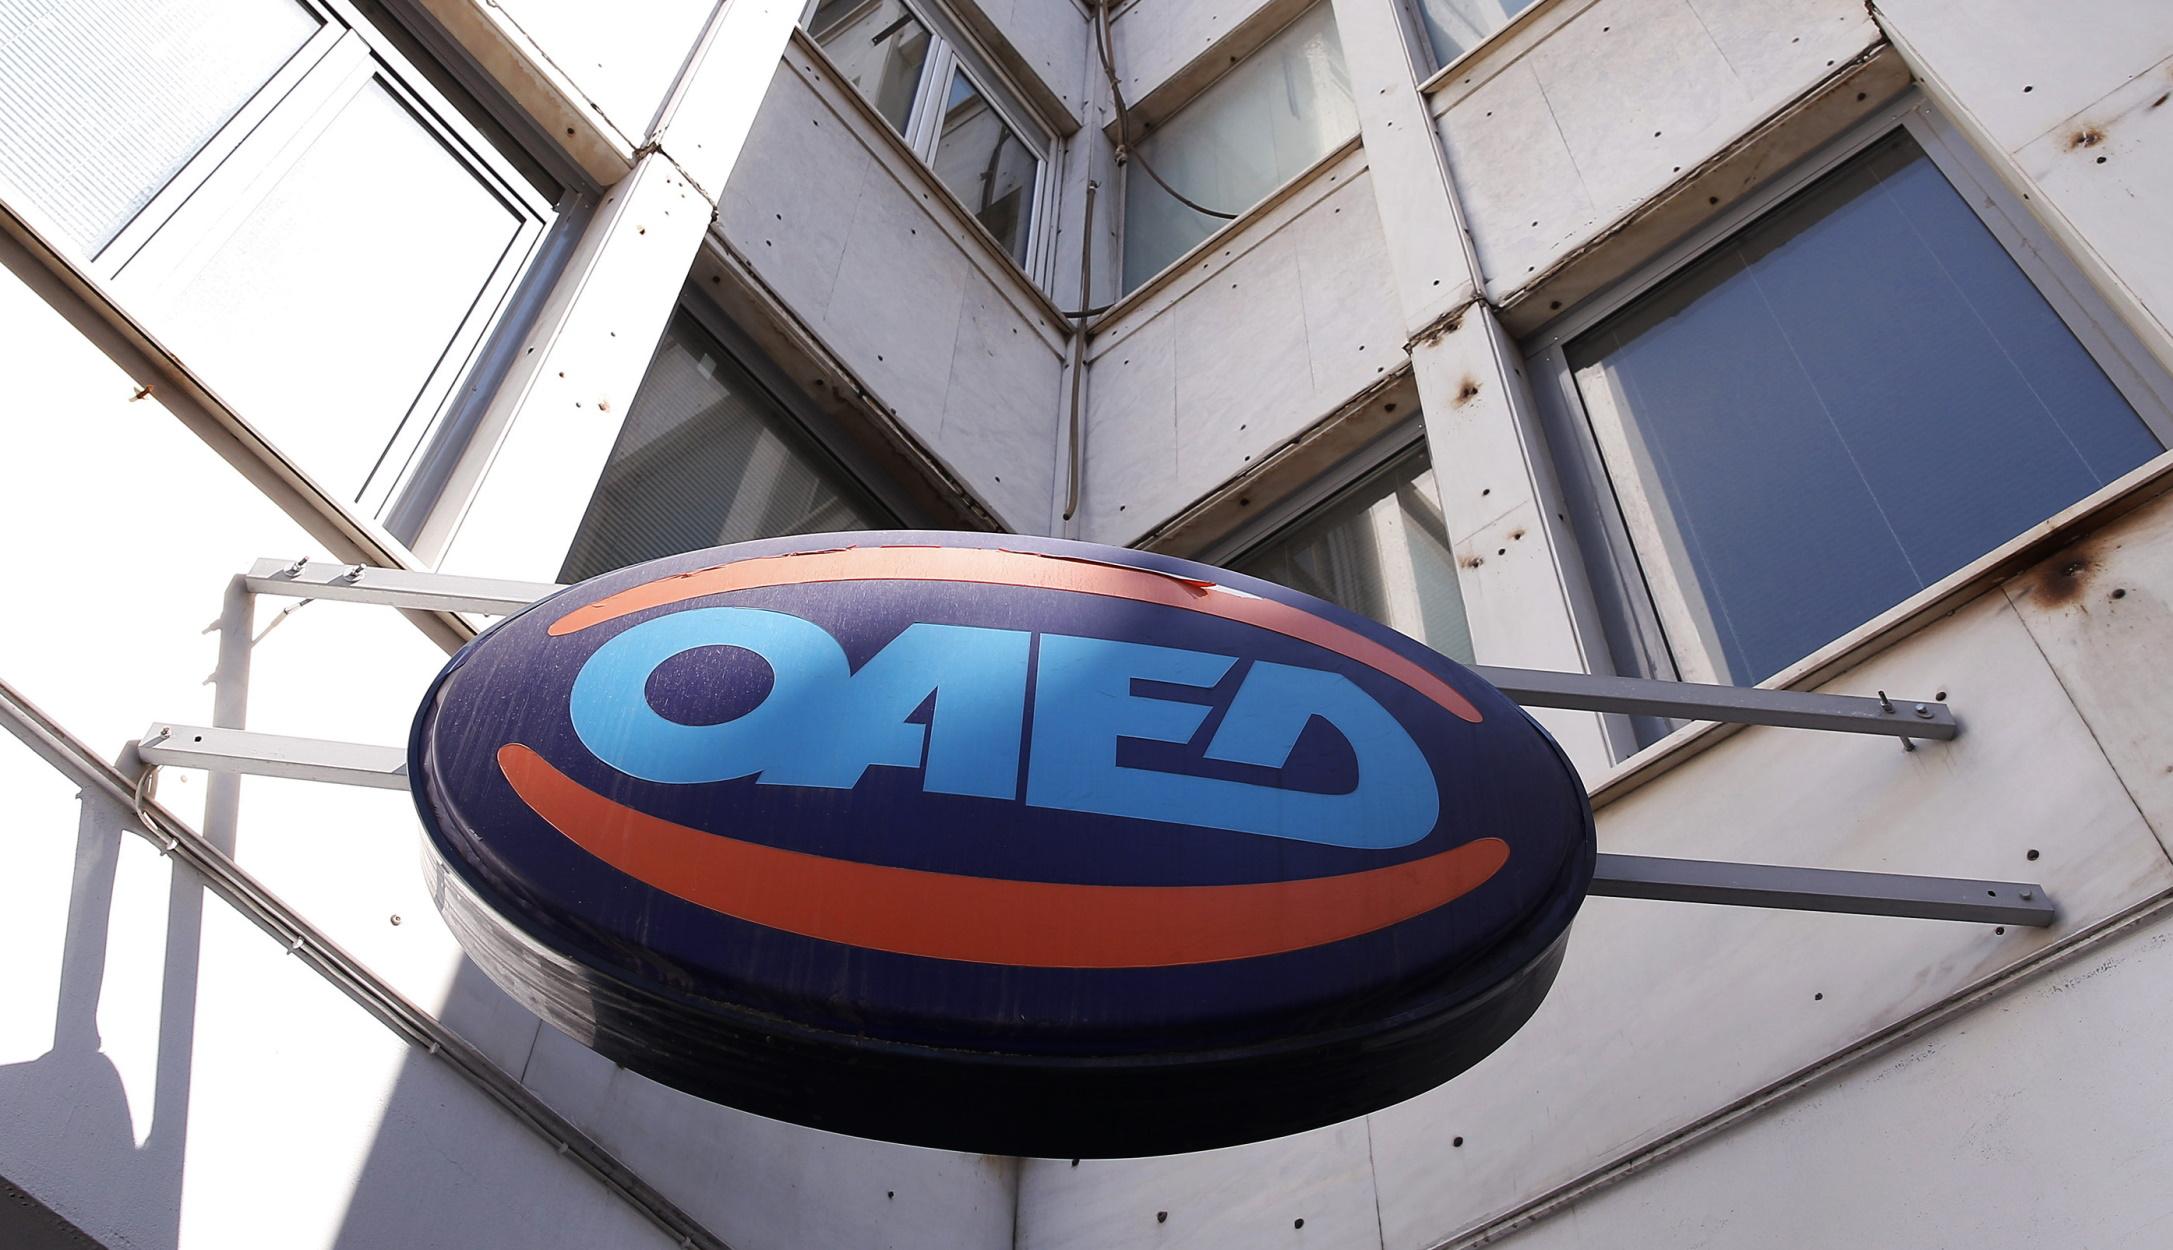 Χανιά: Το ξέσπασμα άνεργης για το μπάχαλο του ΟΑΕΔ – «Μου κλείνουν το τηλέφωνο στα μούτρα»